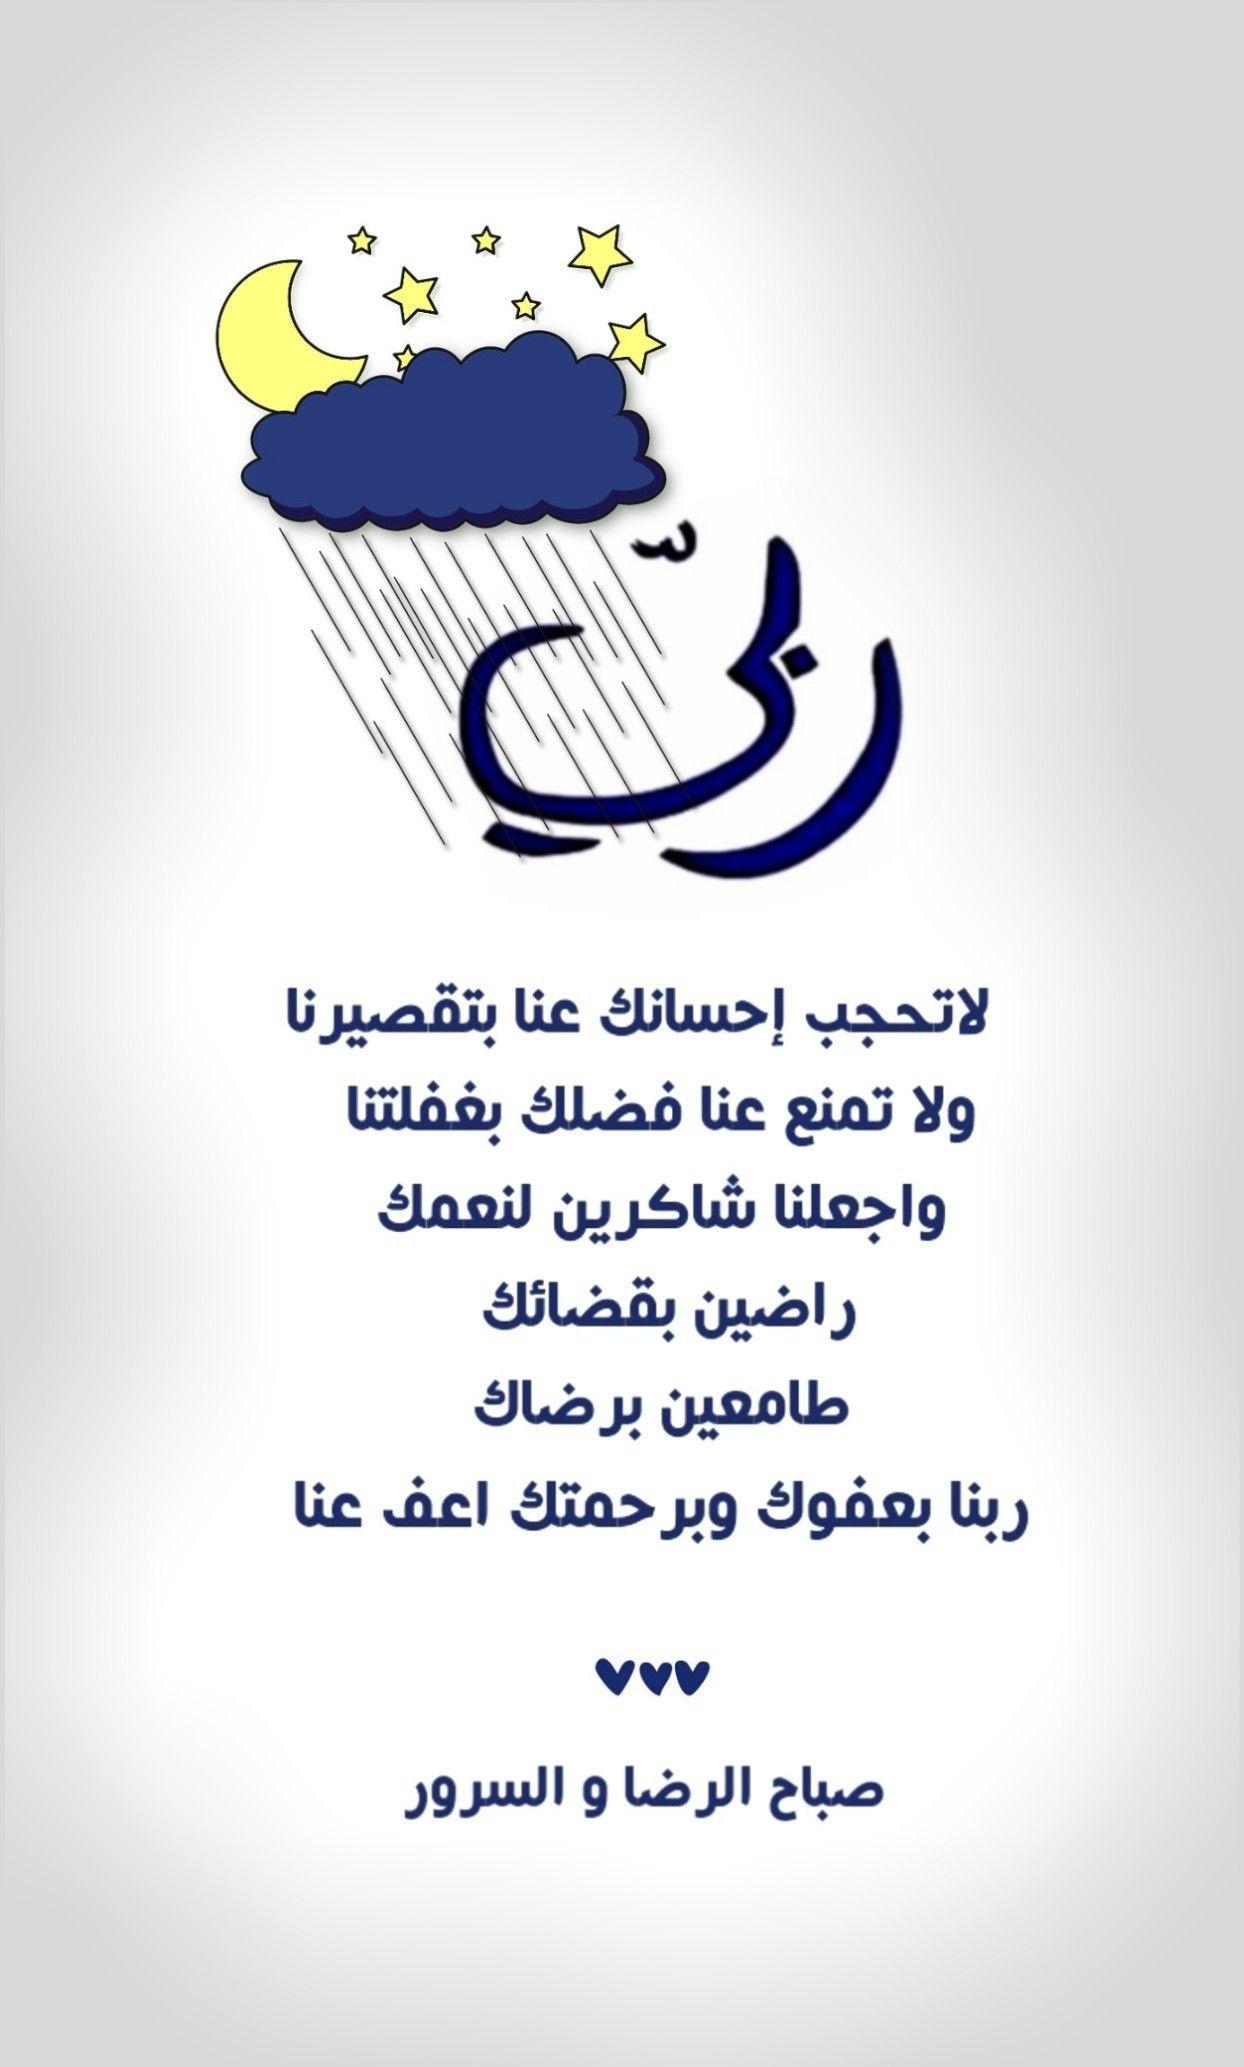 اللهــم لا تحجب إحسانك عنا بتقصيرنا ولا تمنع عنا فضلك بغفلتنا واجعلنا شاكرين لنعمك راضين بقضائك Good Morning Messages Good Morning Arabic Life Quotes